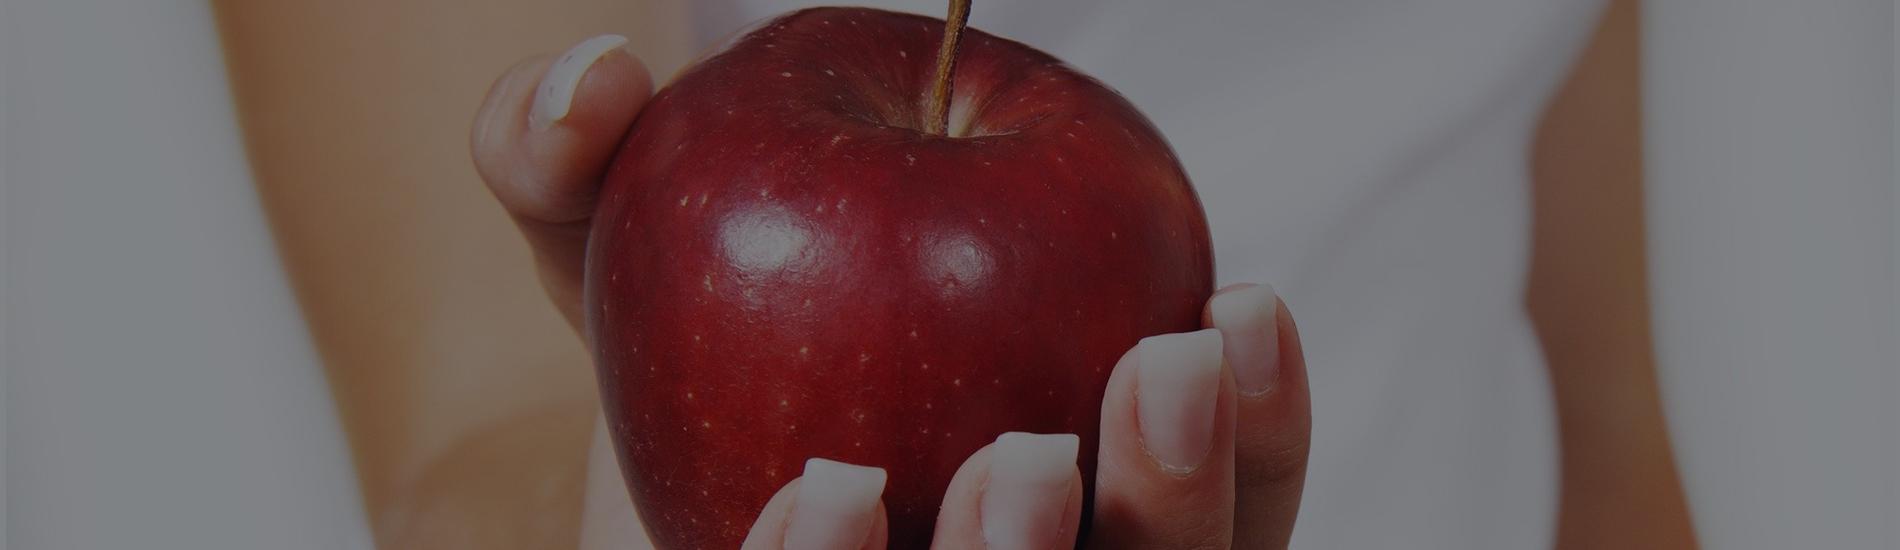 Αυτοάνοσα και διατροφή